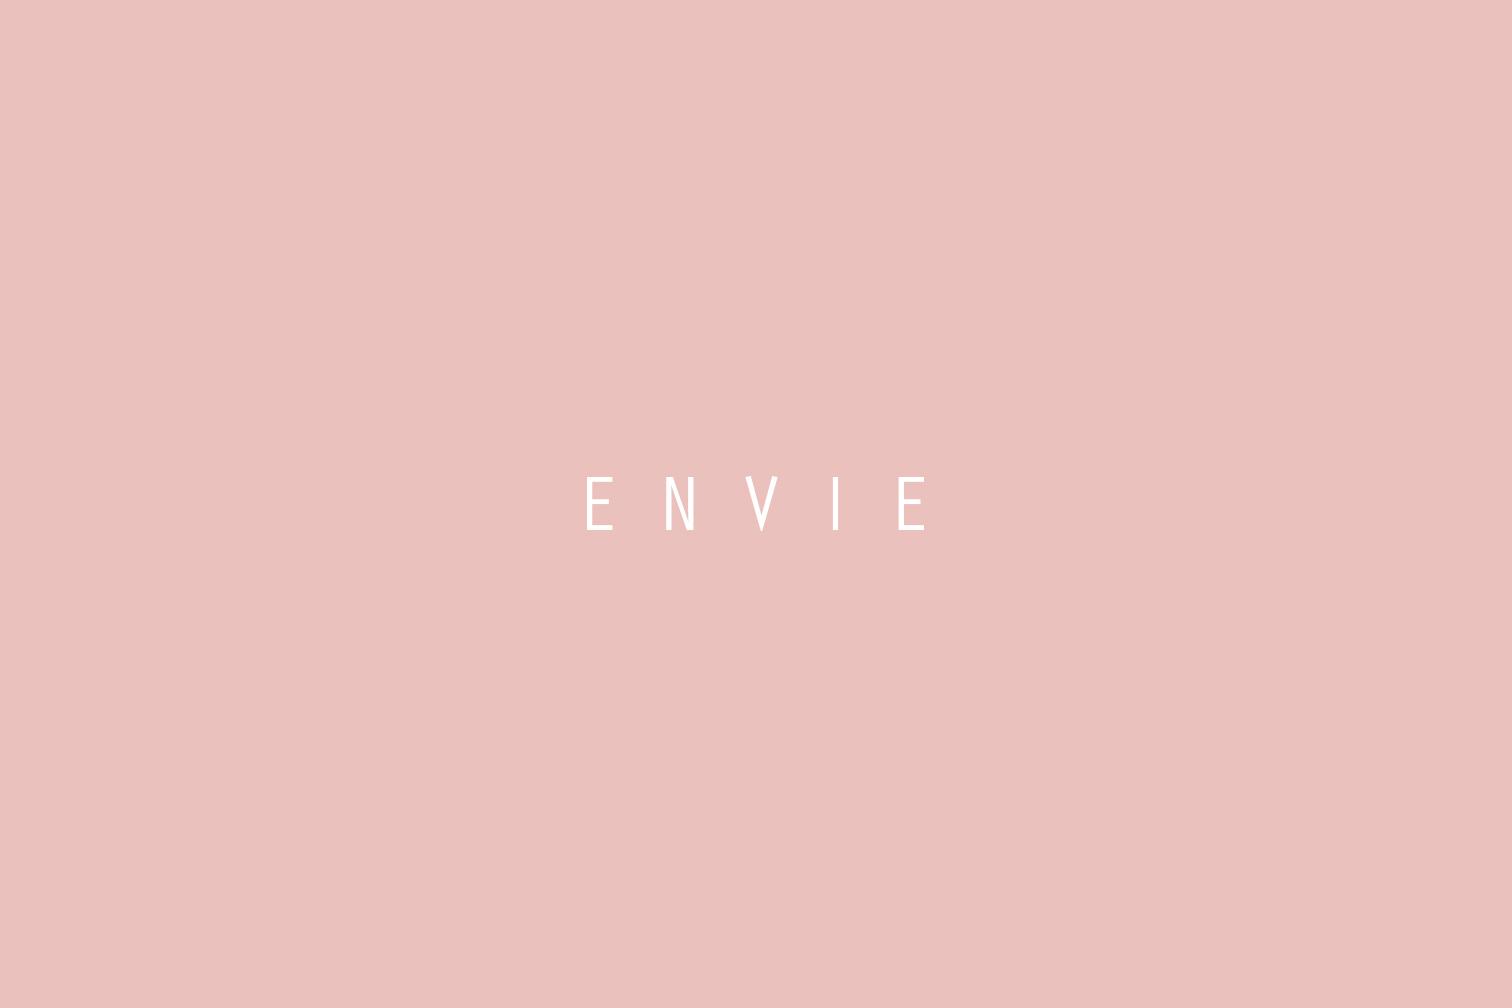 Envie3.jpg